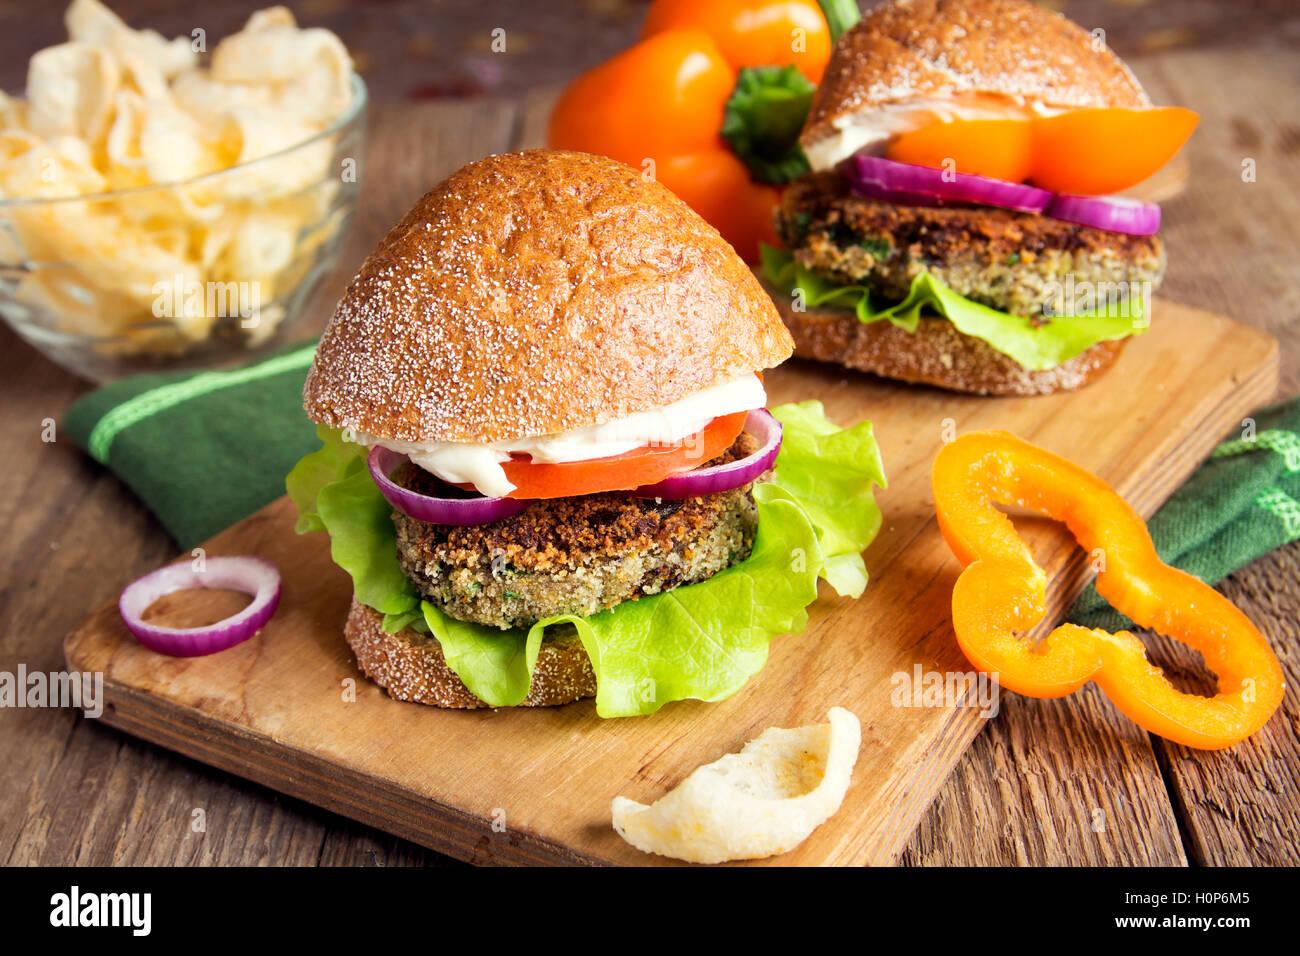 Burger de lentilles végétarien avec légumes sur planche à découper en bois - savoureux Photo Stock